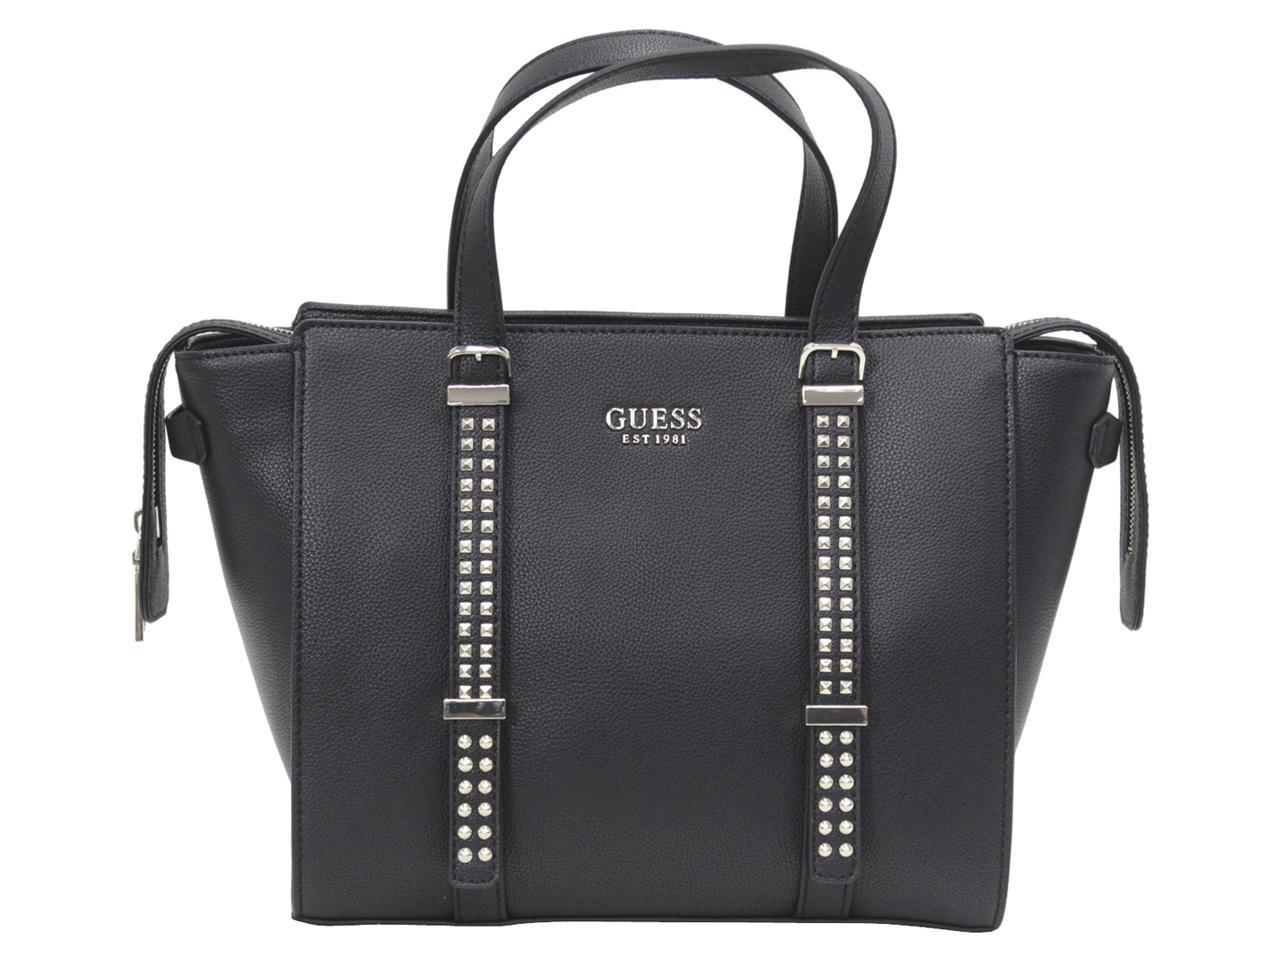 Guess-Women-039-s-Eileen-Studded-Satchel-Handbag 35b4bf12210ab